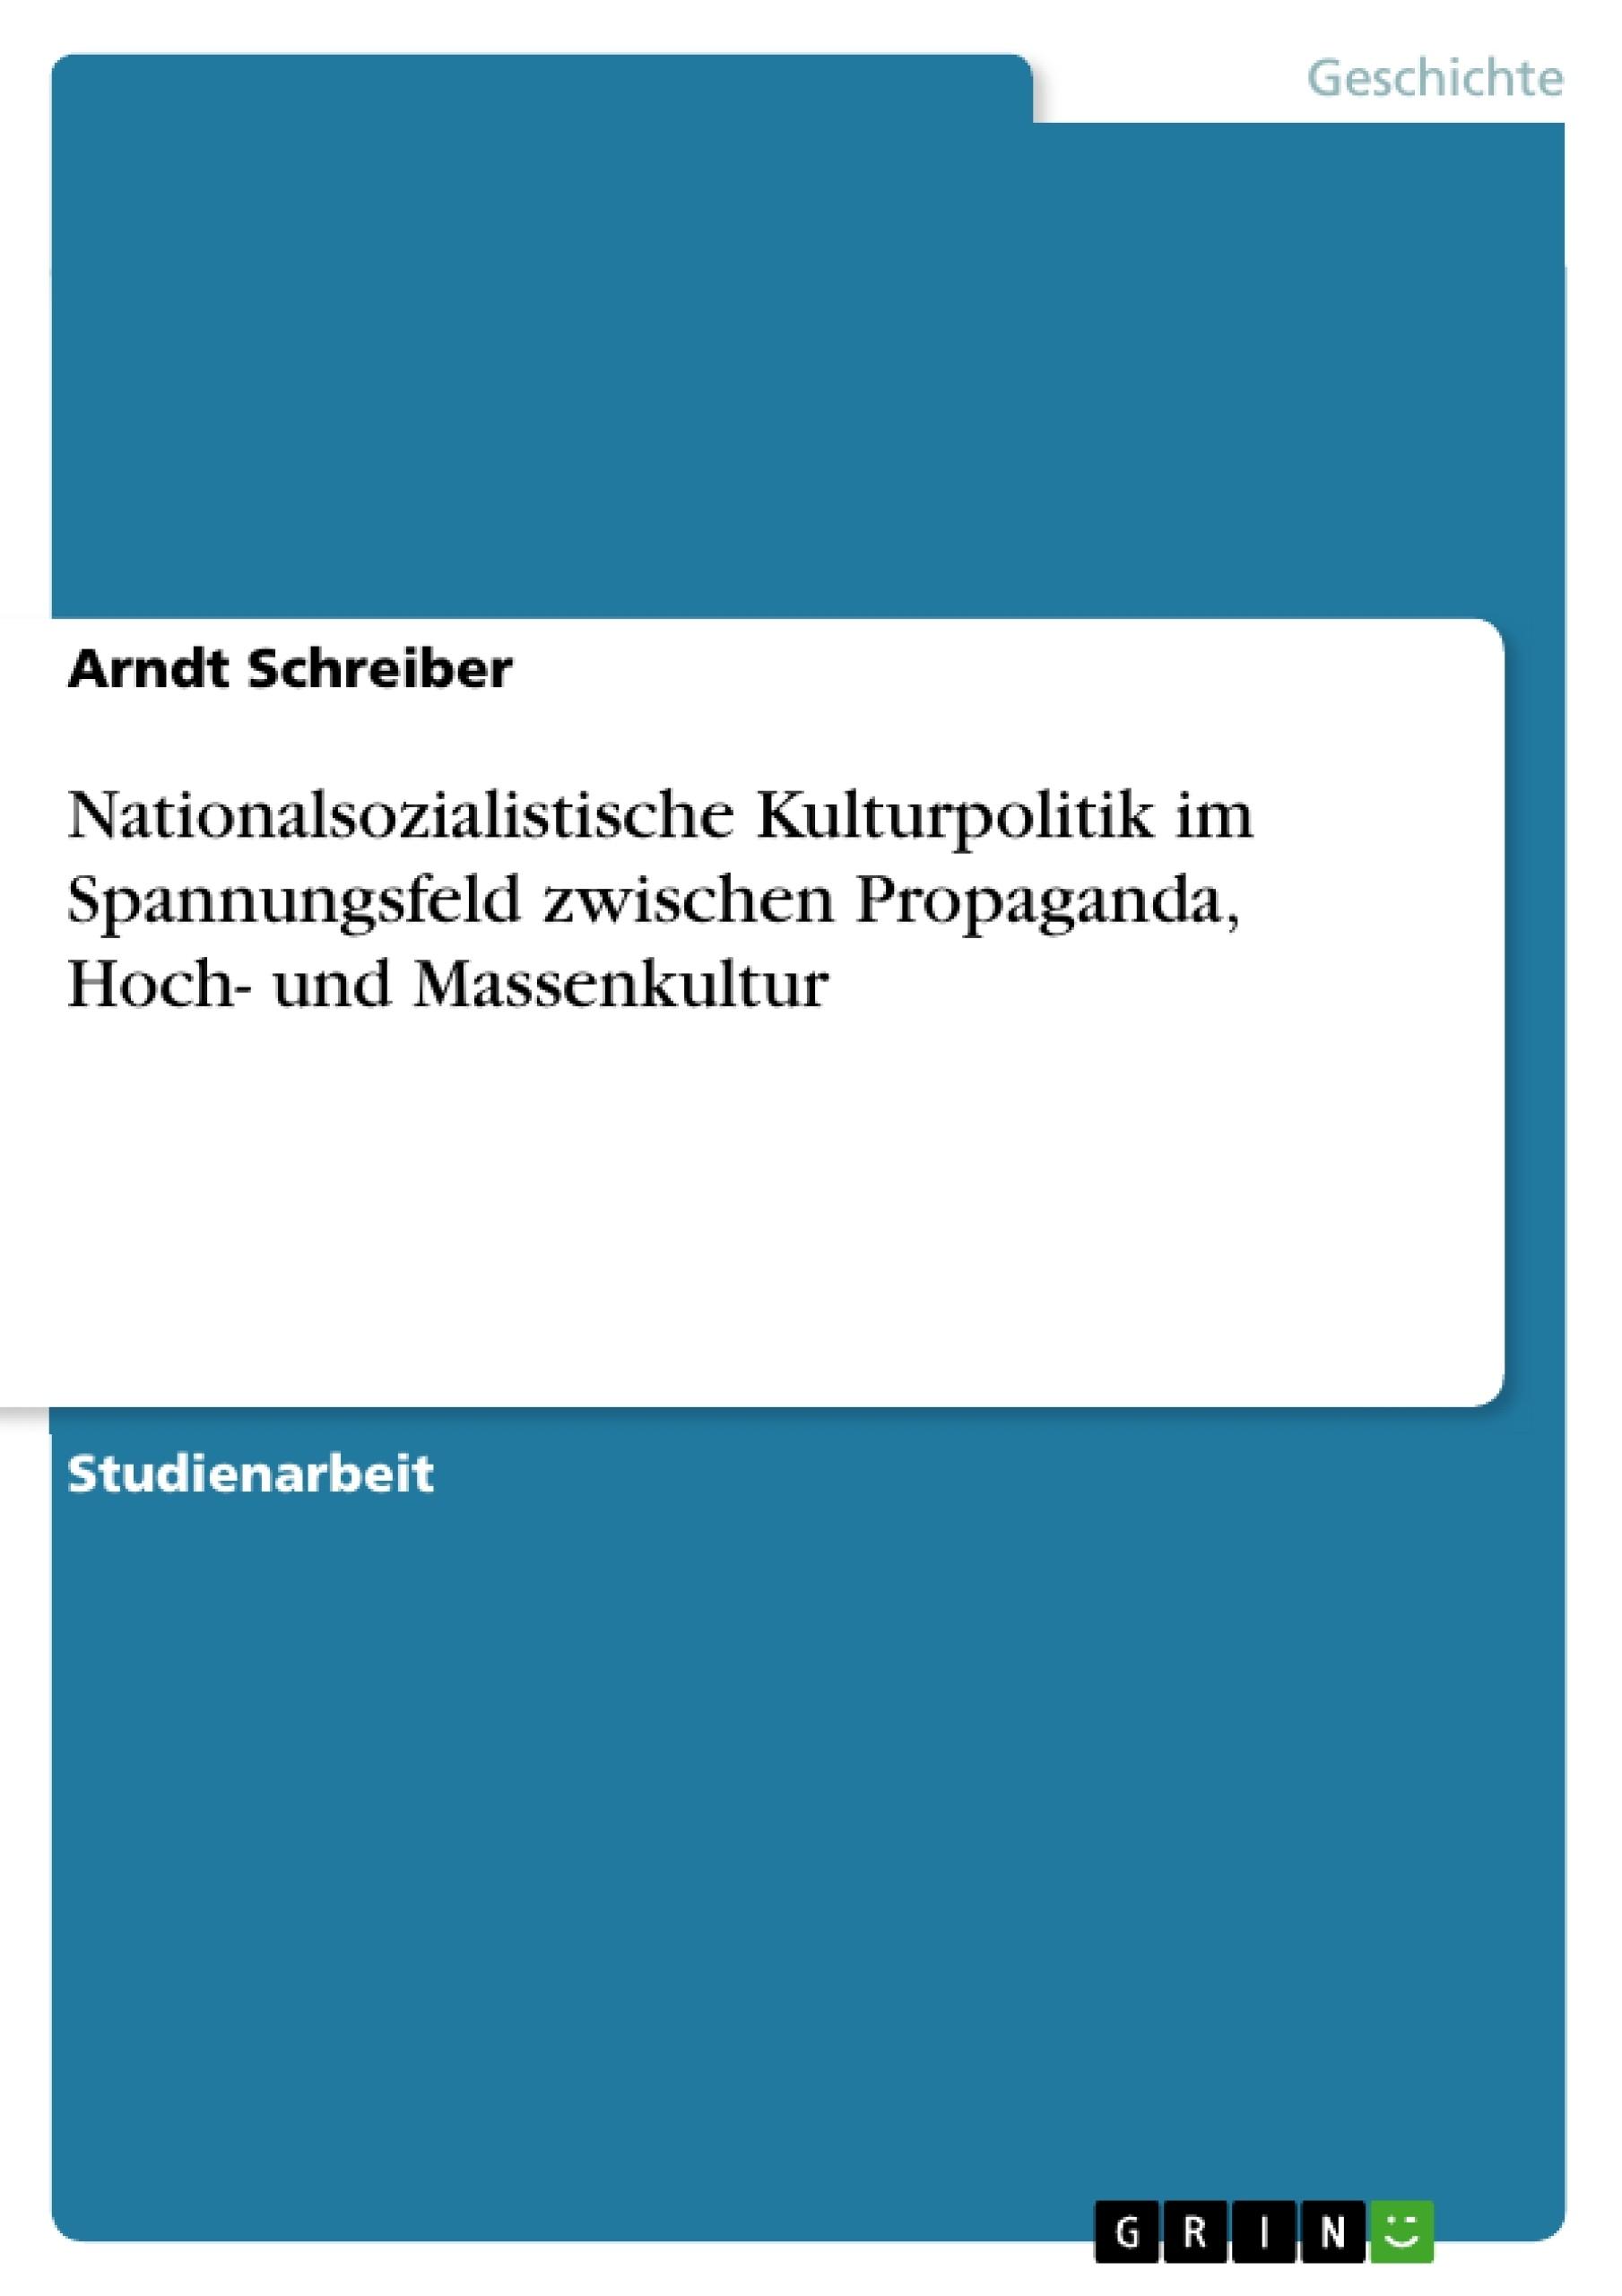 Titel: Nationalsozialistische Kulturpolitik im Spannungsfeld zwischen Propaganda, Hoch- und Massenkultur